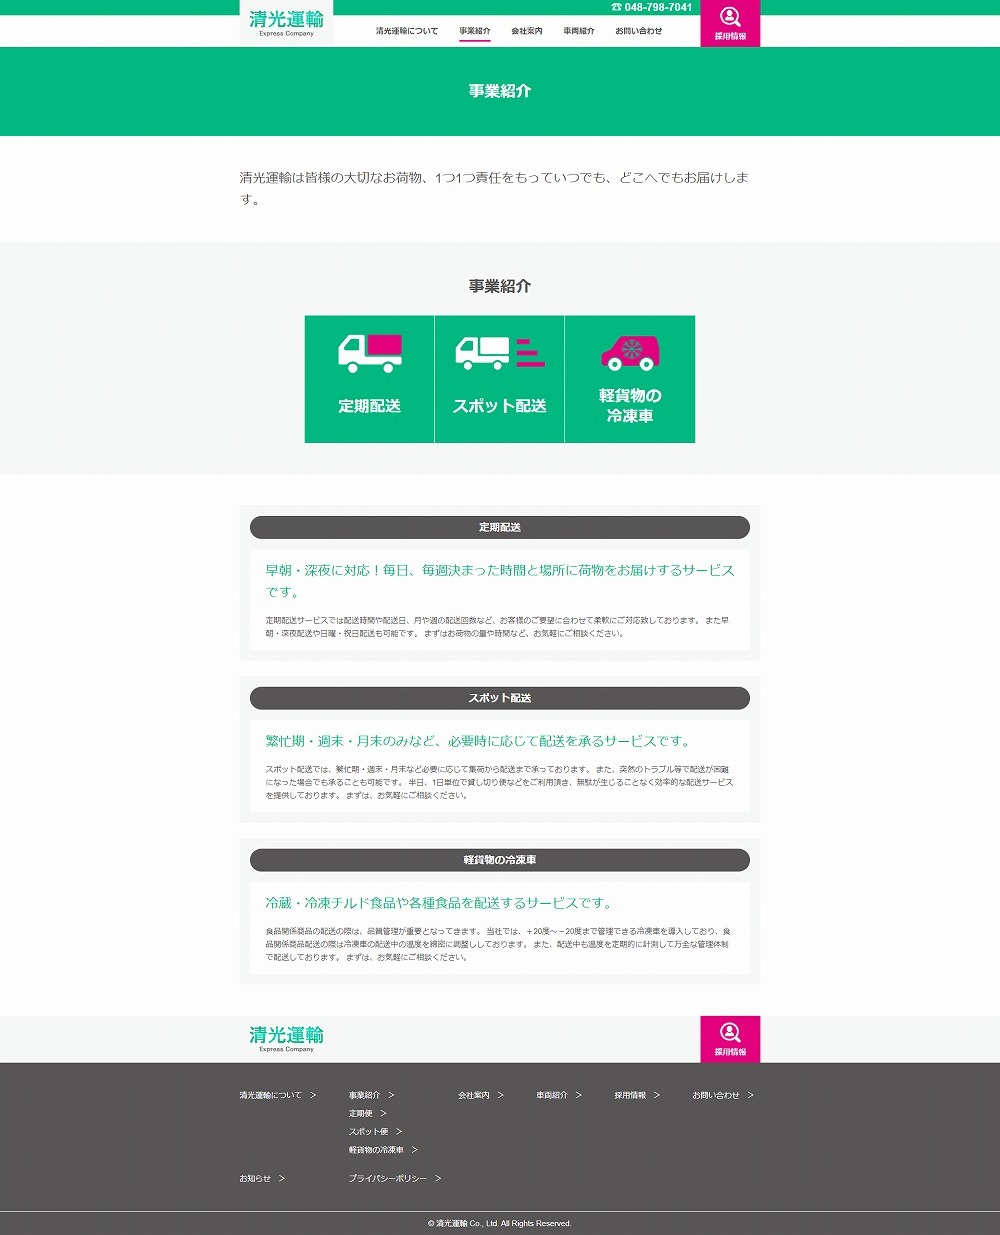 FireShot Capture 213 - 事業紹介 - さいたま市岩槻区の運送会社、清光運輸 - seikounyu.com